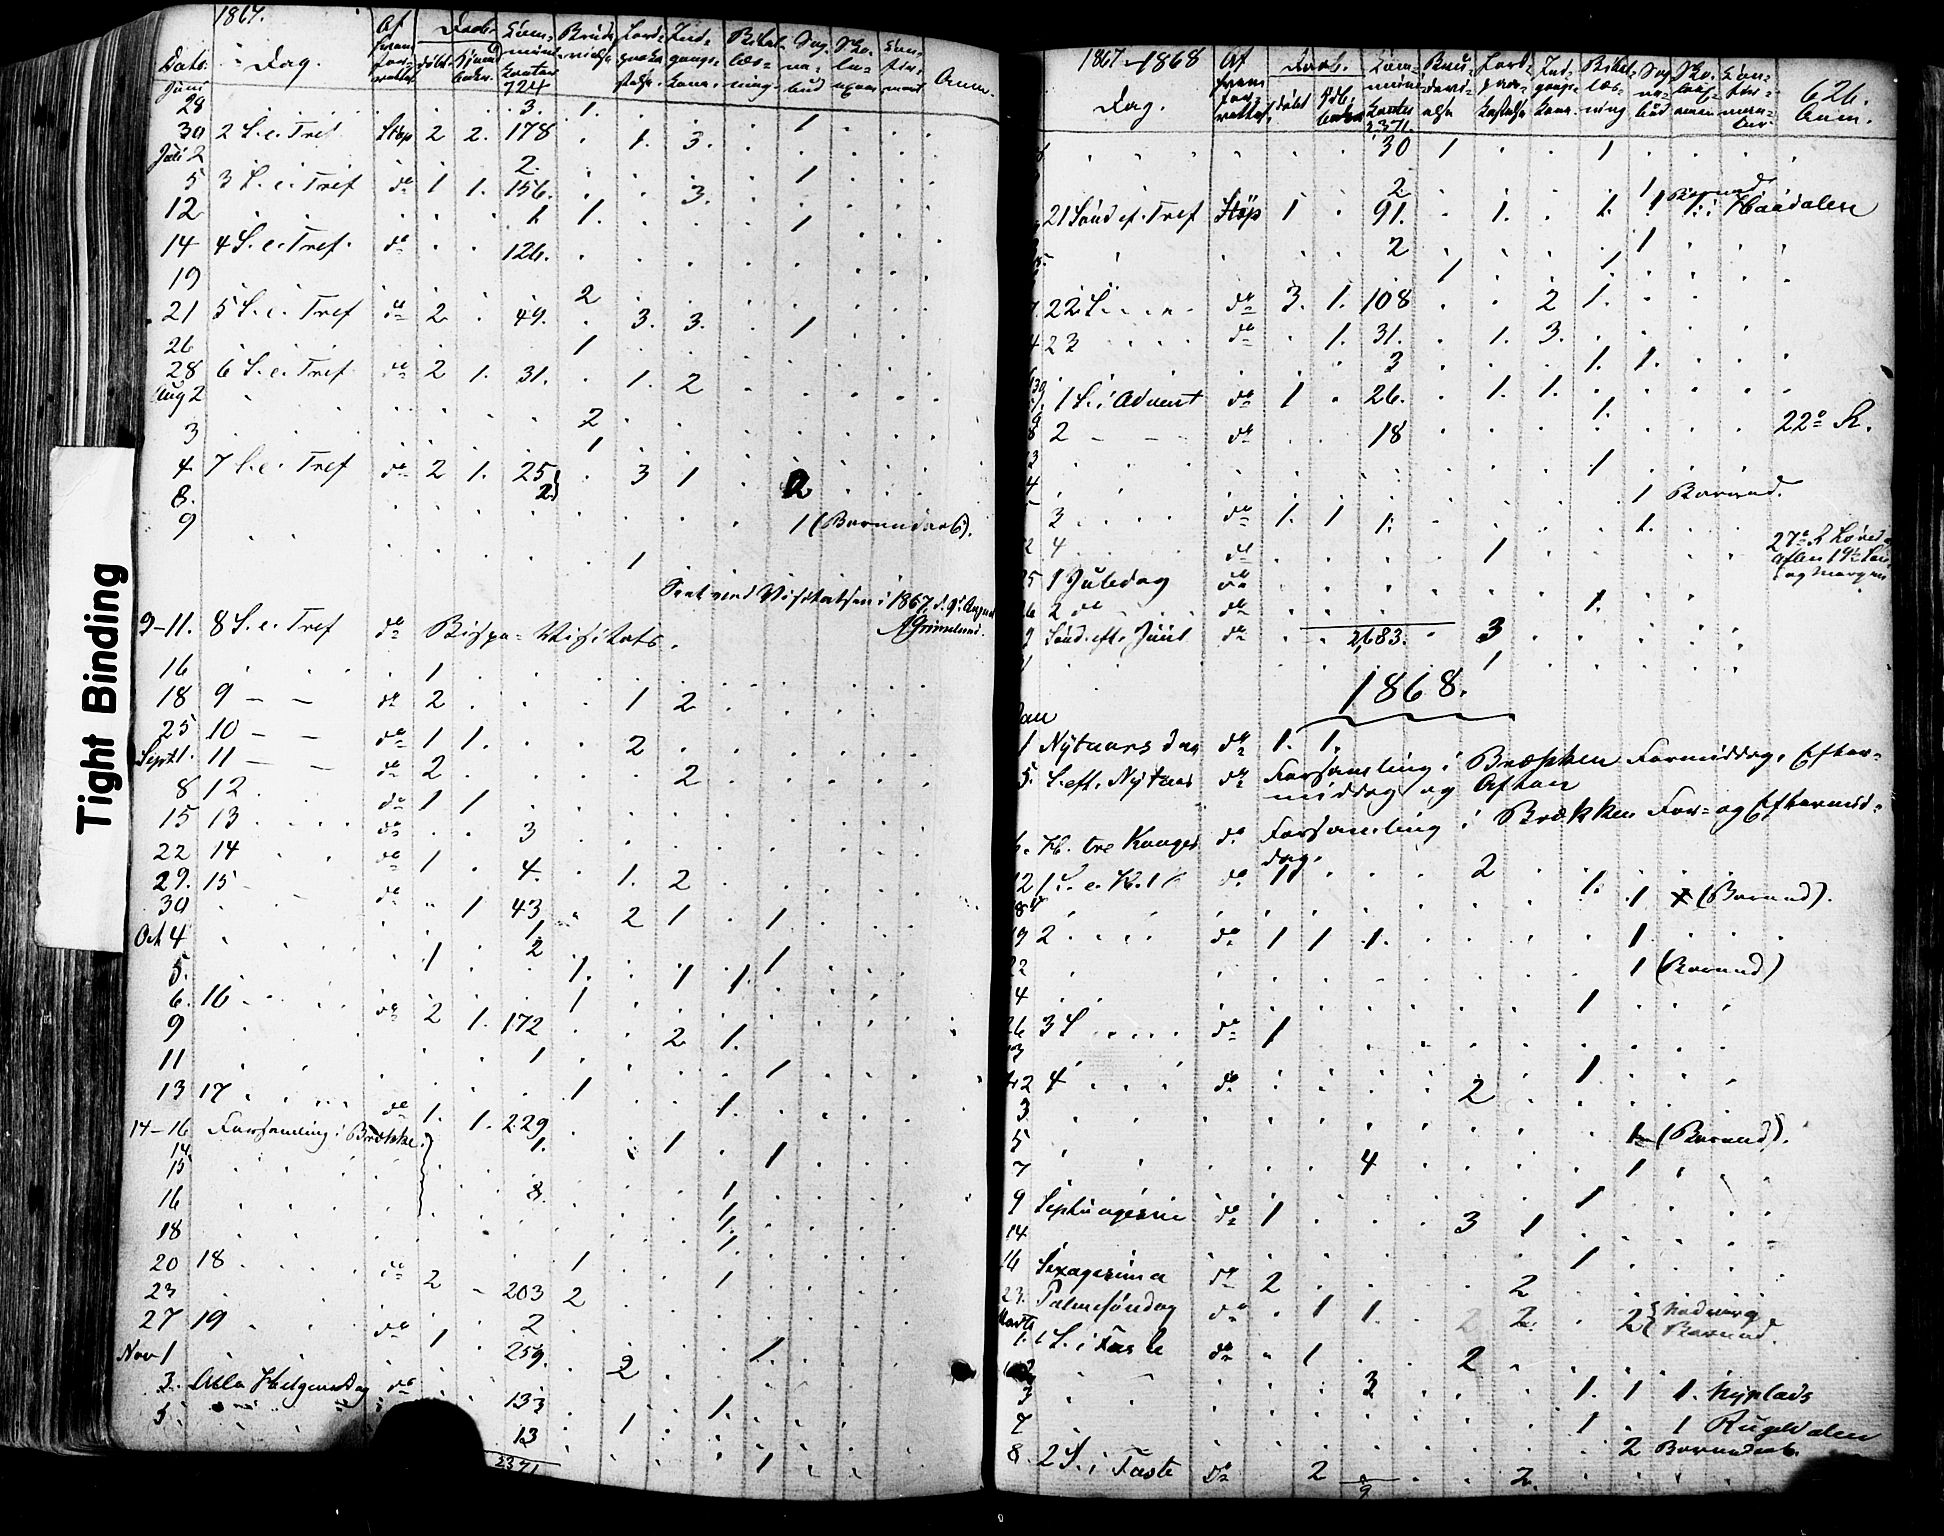 SAT, Ministerialprotokoller, klokkerbøker og fødselsregistre - Sør-Trøndelag, 681/L0932: Ministerialbok nr. 681A10, 1860-1878, s. 626